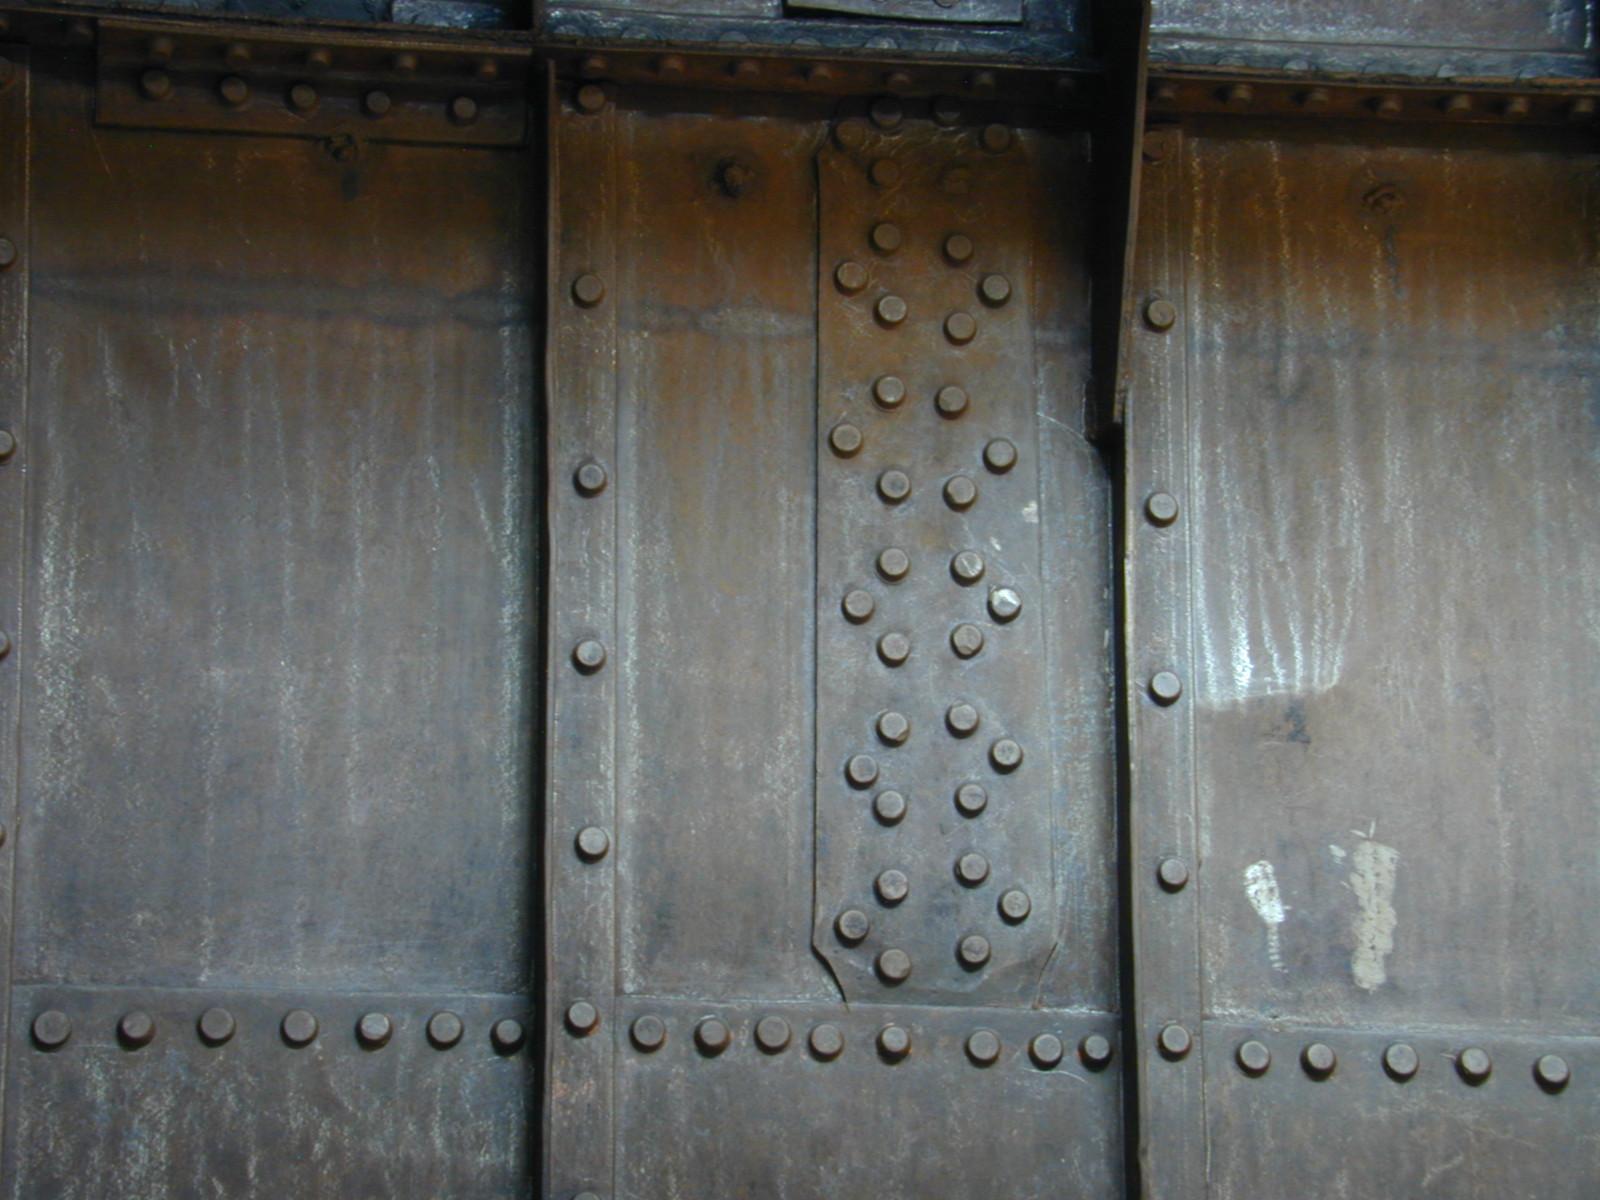 Ikea Apartment Tutorials Iron Grain : b2metals079 from funnpics.info size 1600 x 1200 jpeg 375kB